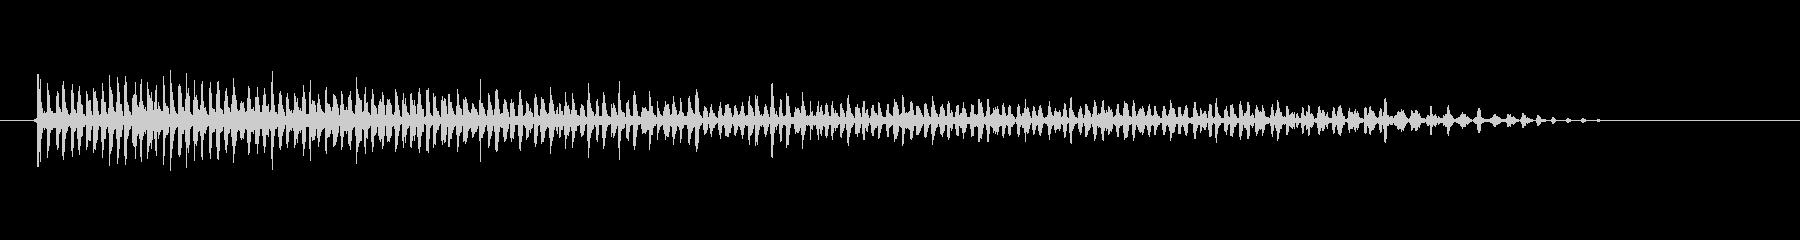 【ビブラスラップ01-4】の未再生の波形